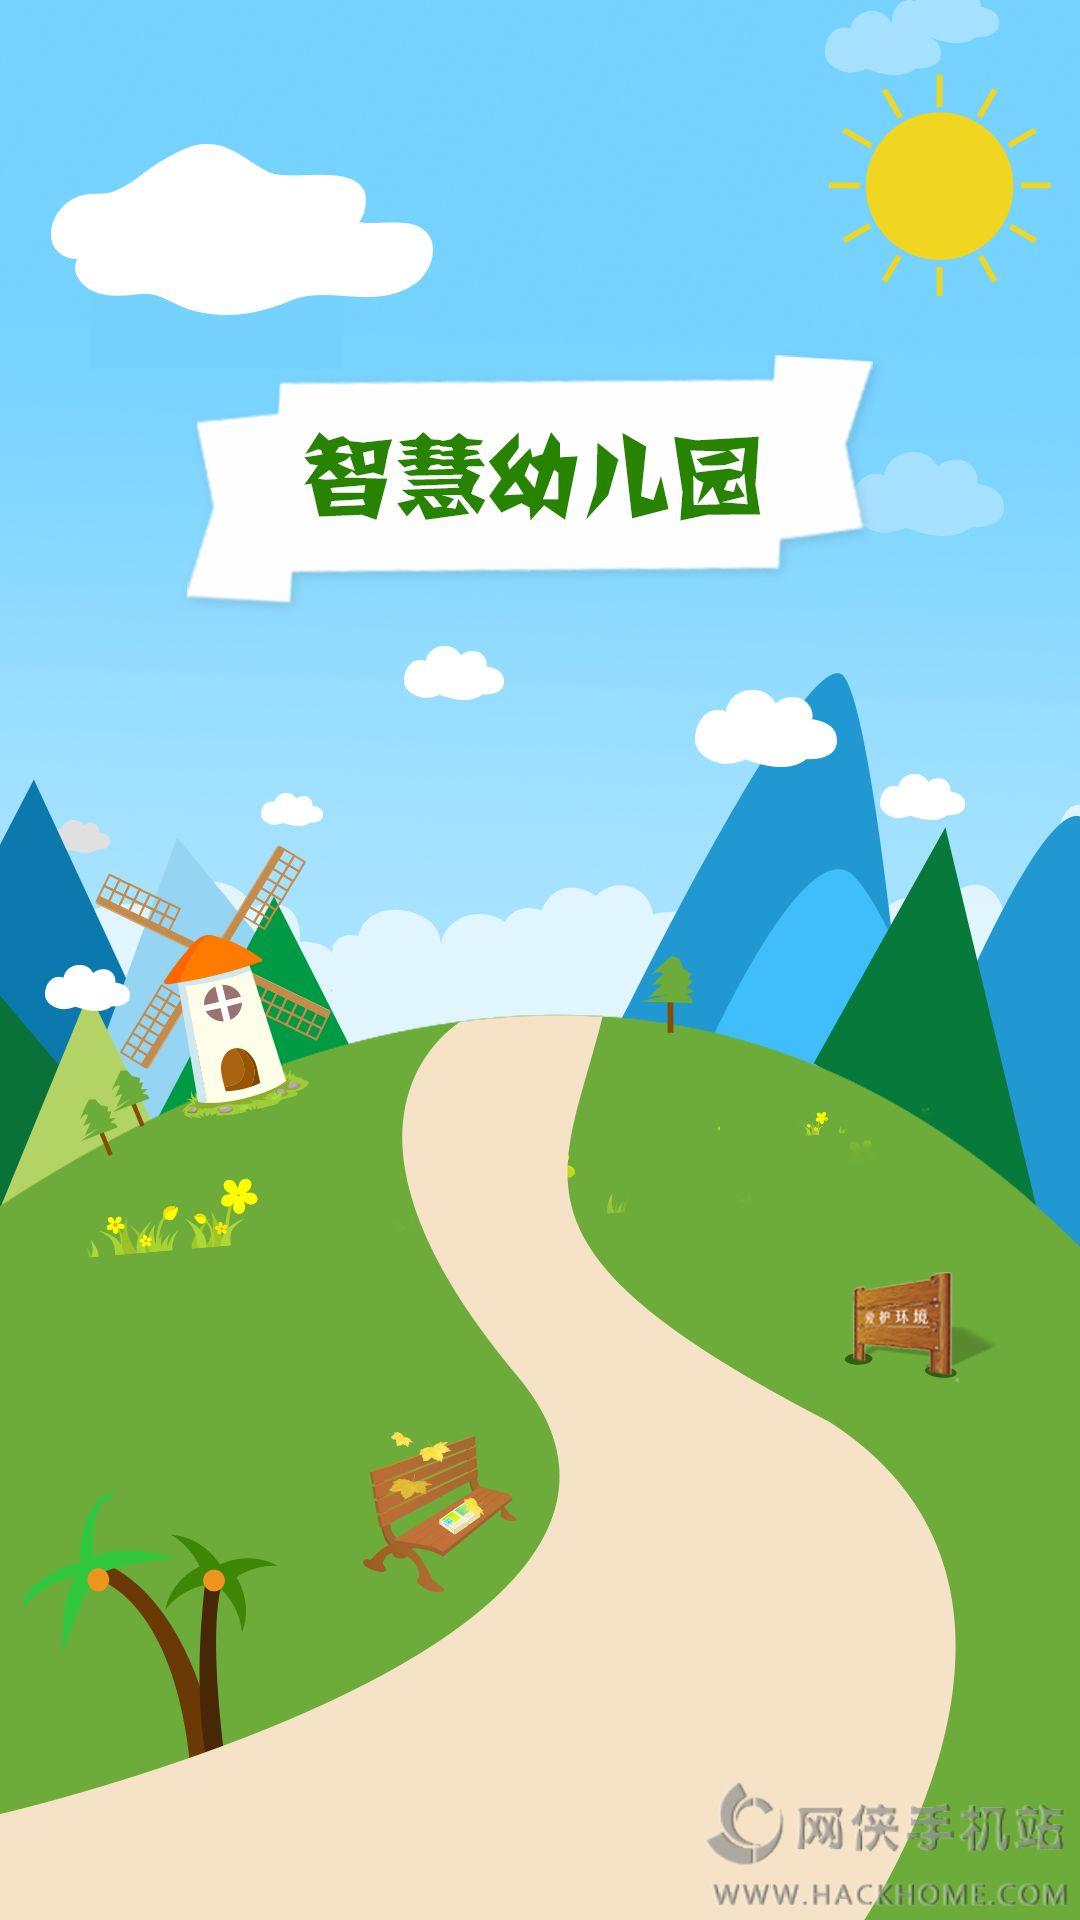 1、优卡学堂是网上巴蜀学校整合全国教育教学专家、巴蜀名师精心为中国少年儿童量身打造的移动学堂,是优卡乐园的移动端学习程序。 2、它以精心培养未来人才为目标,寓教于乐,为孩子提供小学语文、数学等课程同步学习、重点知识练习,是孩子进行课外拓展学习,满足孩子个性化学习的理想学习工具。优卡学堂所有的课程来自名校一线教师,并与优卡乐园的课程一致,可以用手机或平板实现随时随地,无处不在的学习、分享和